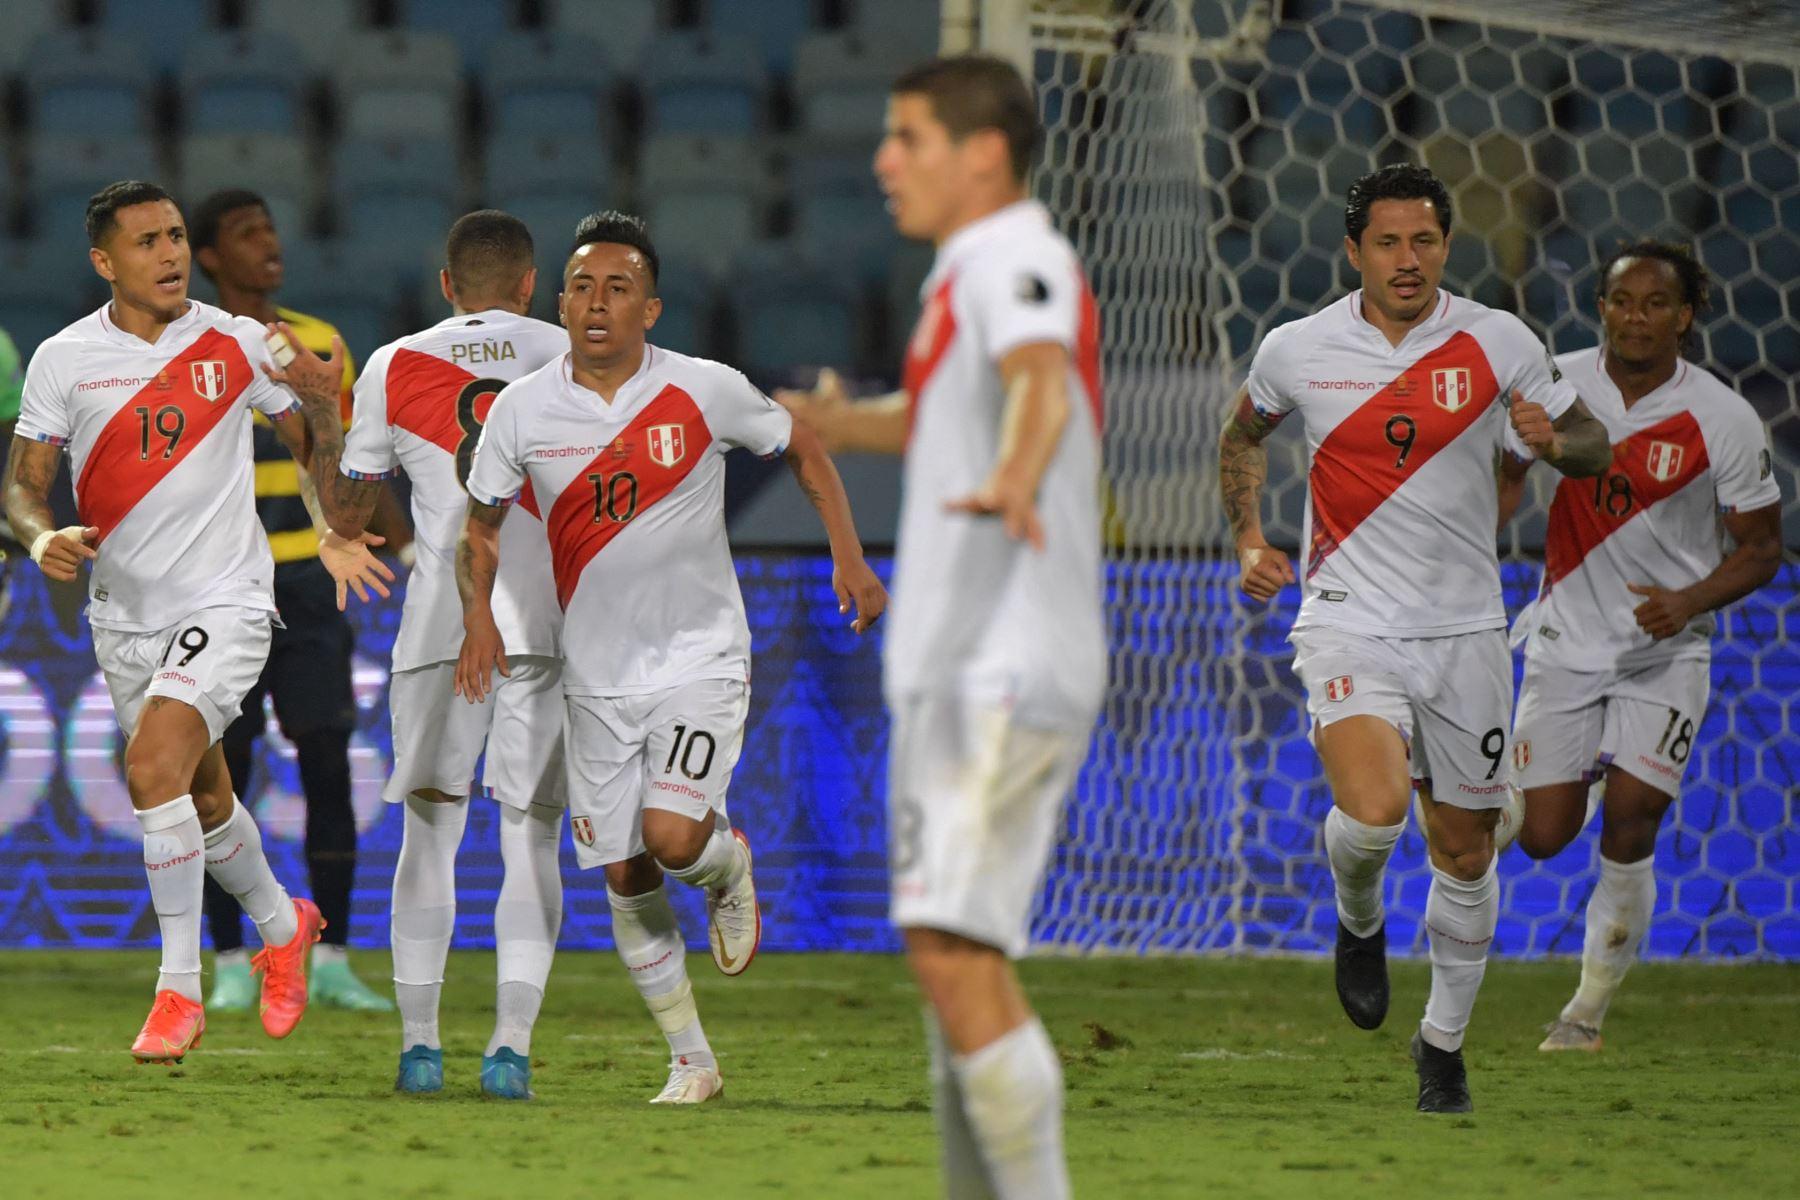 El peruano Gianluca Lapadula  celebra tras anotar contra Ecuador durante su partido de la fase de grupos del torneo de fútbol Conmebol Copa América 2021 en el Estadio Olímpico de Goiania, Brasil. Foto: AFP